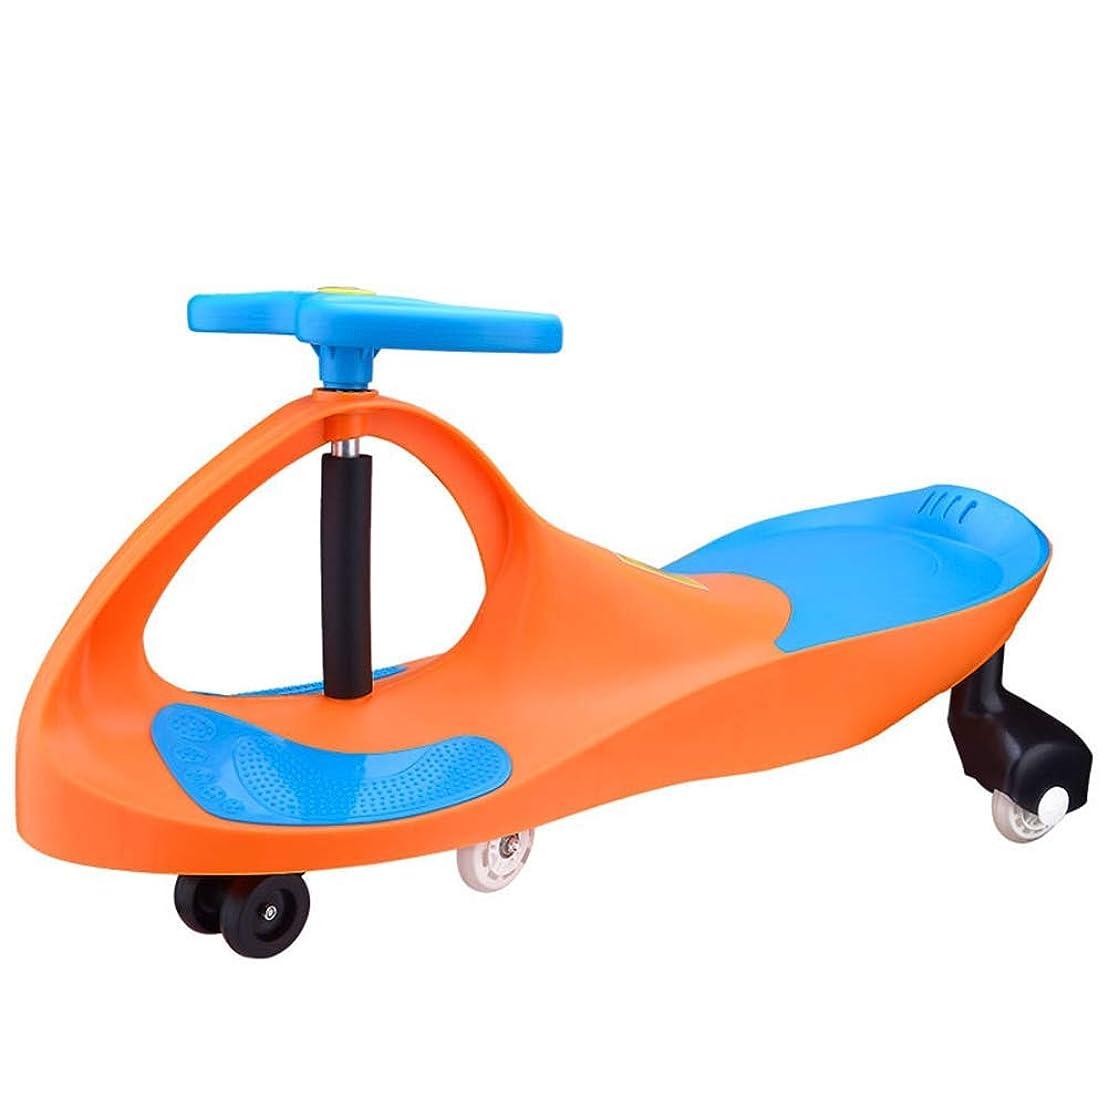 勝つぬれた混乱lquideバランスバイクピンク、バランス自転車サイレントホイールツイストカー新素材グリーンスイングカー3歳子供幼児スクーター